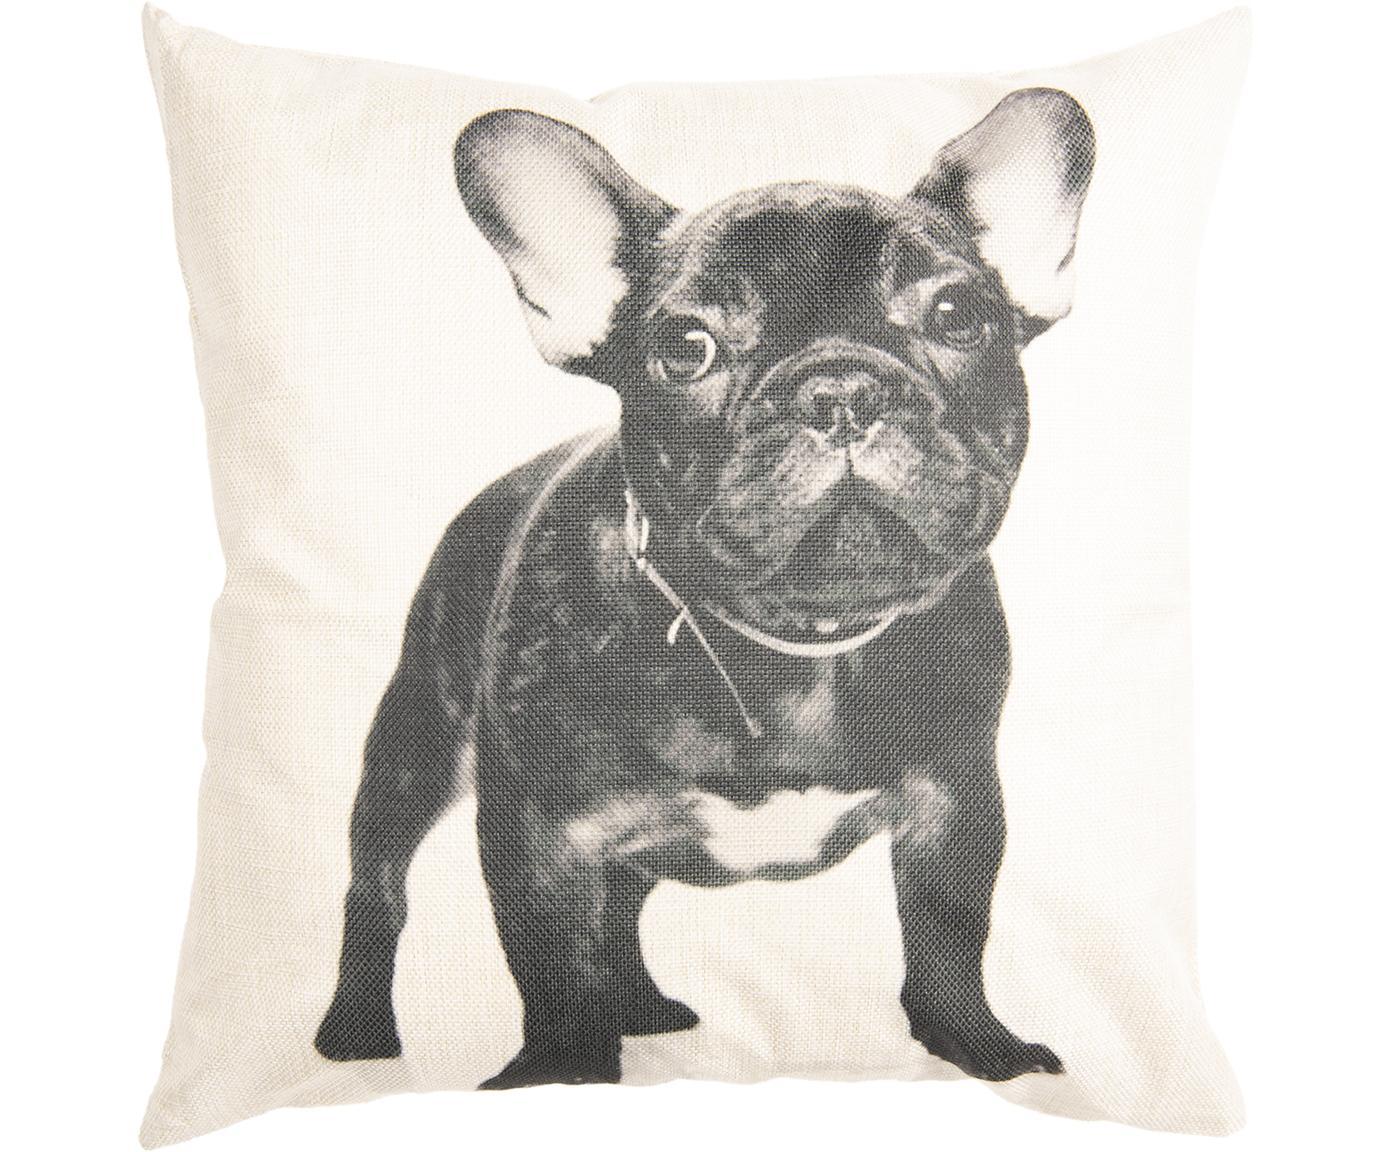 Poszewka na poduszkę Dog, Poliester, Złamana biel, czarny, S 45 x D 45 cm